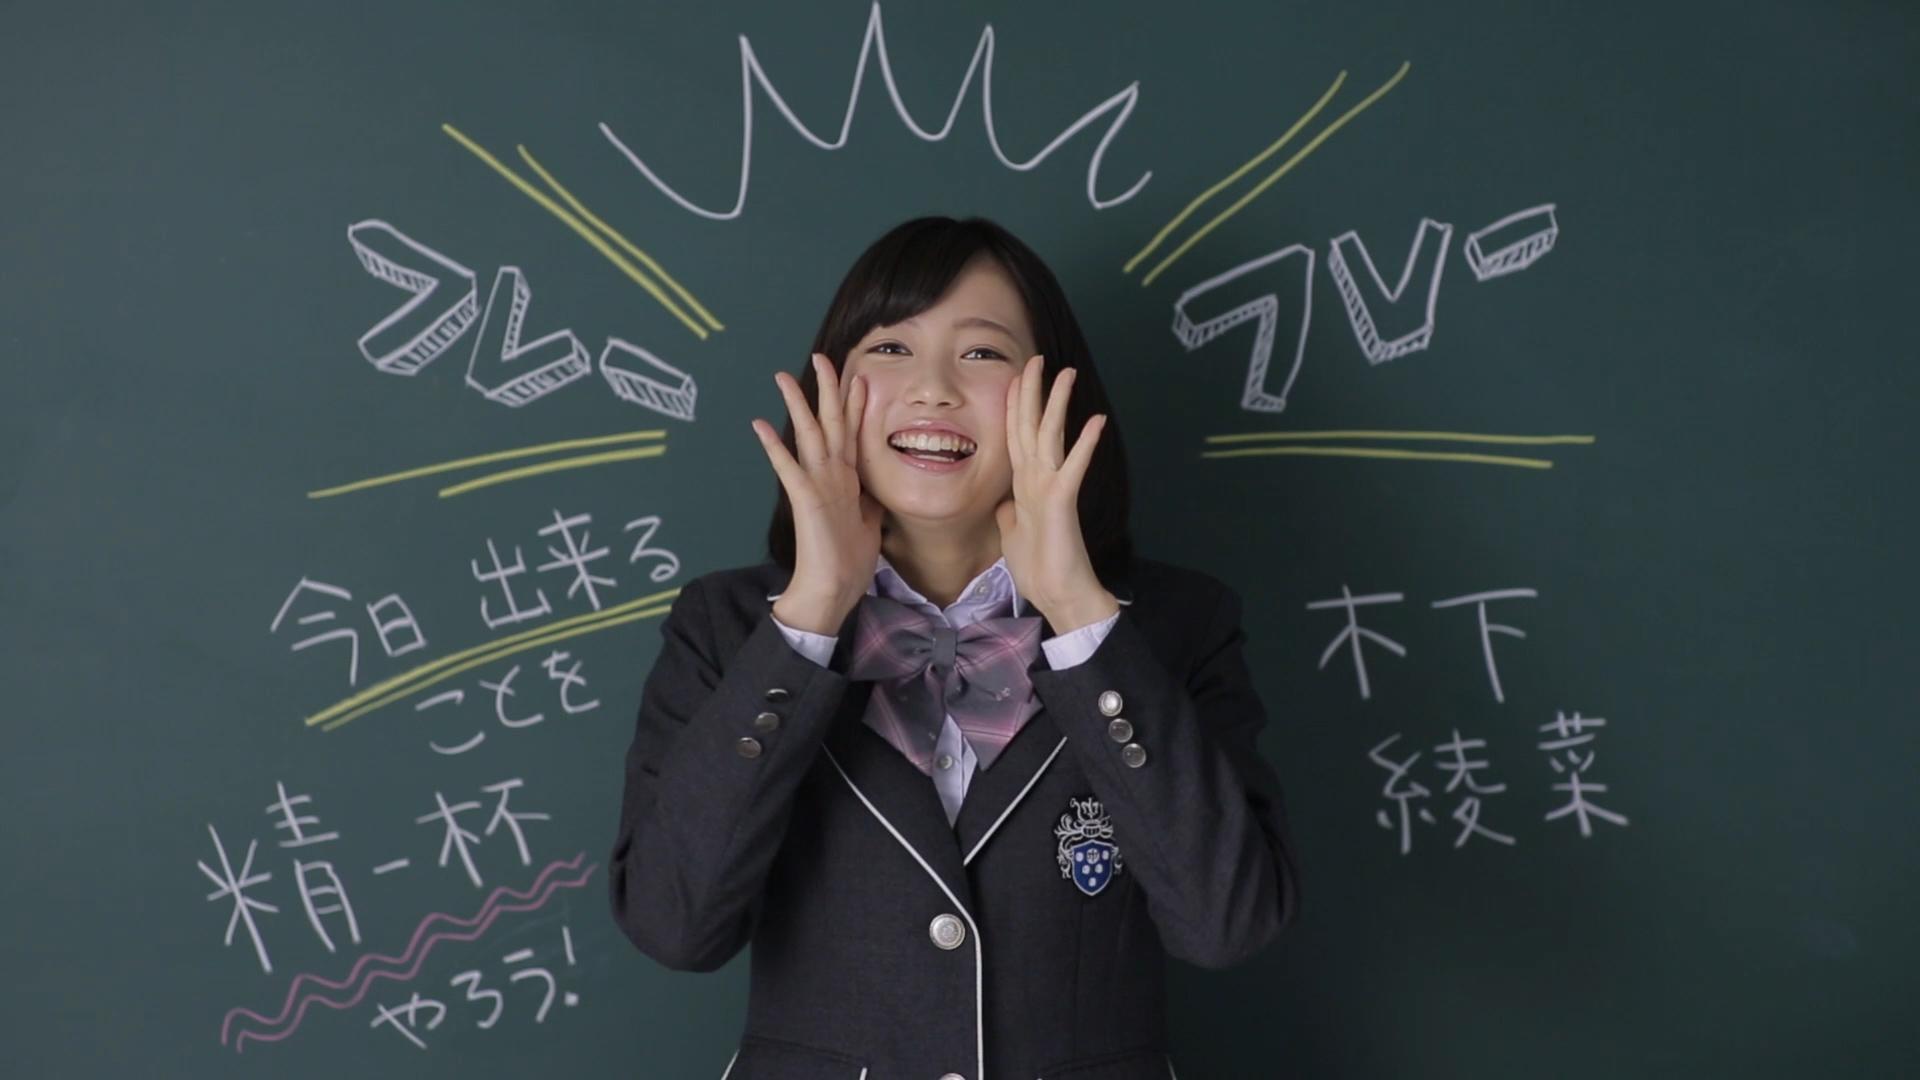 ルネサンス高校 TVCM 「さんみゅー」篇